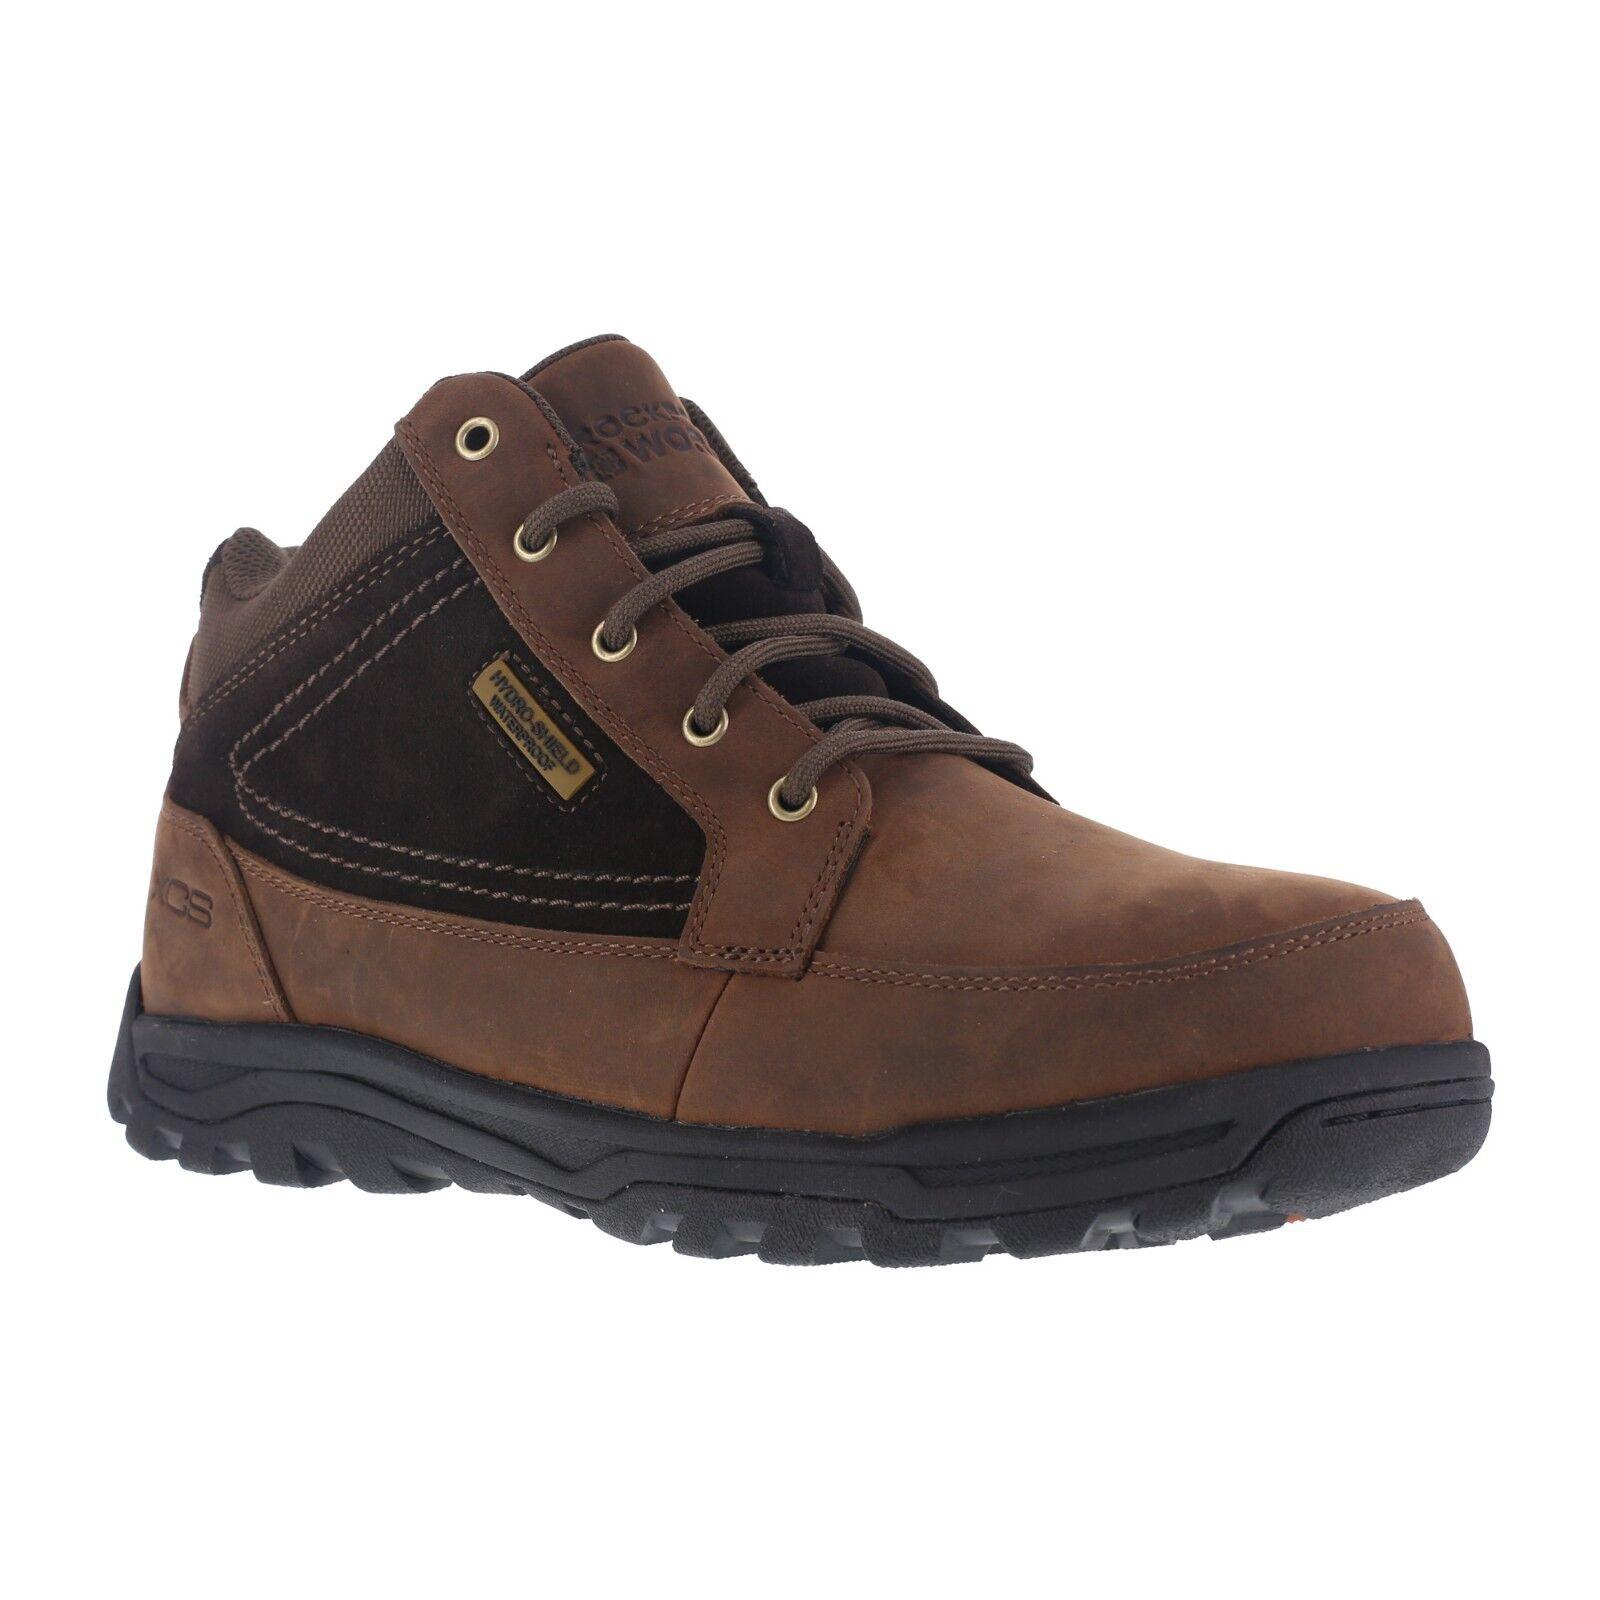 Rockport RK6671 Men's Trail Technique Steel Toe Waterproof Leather Work Boots